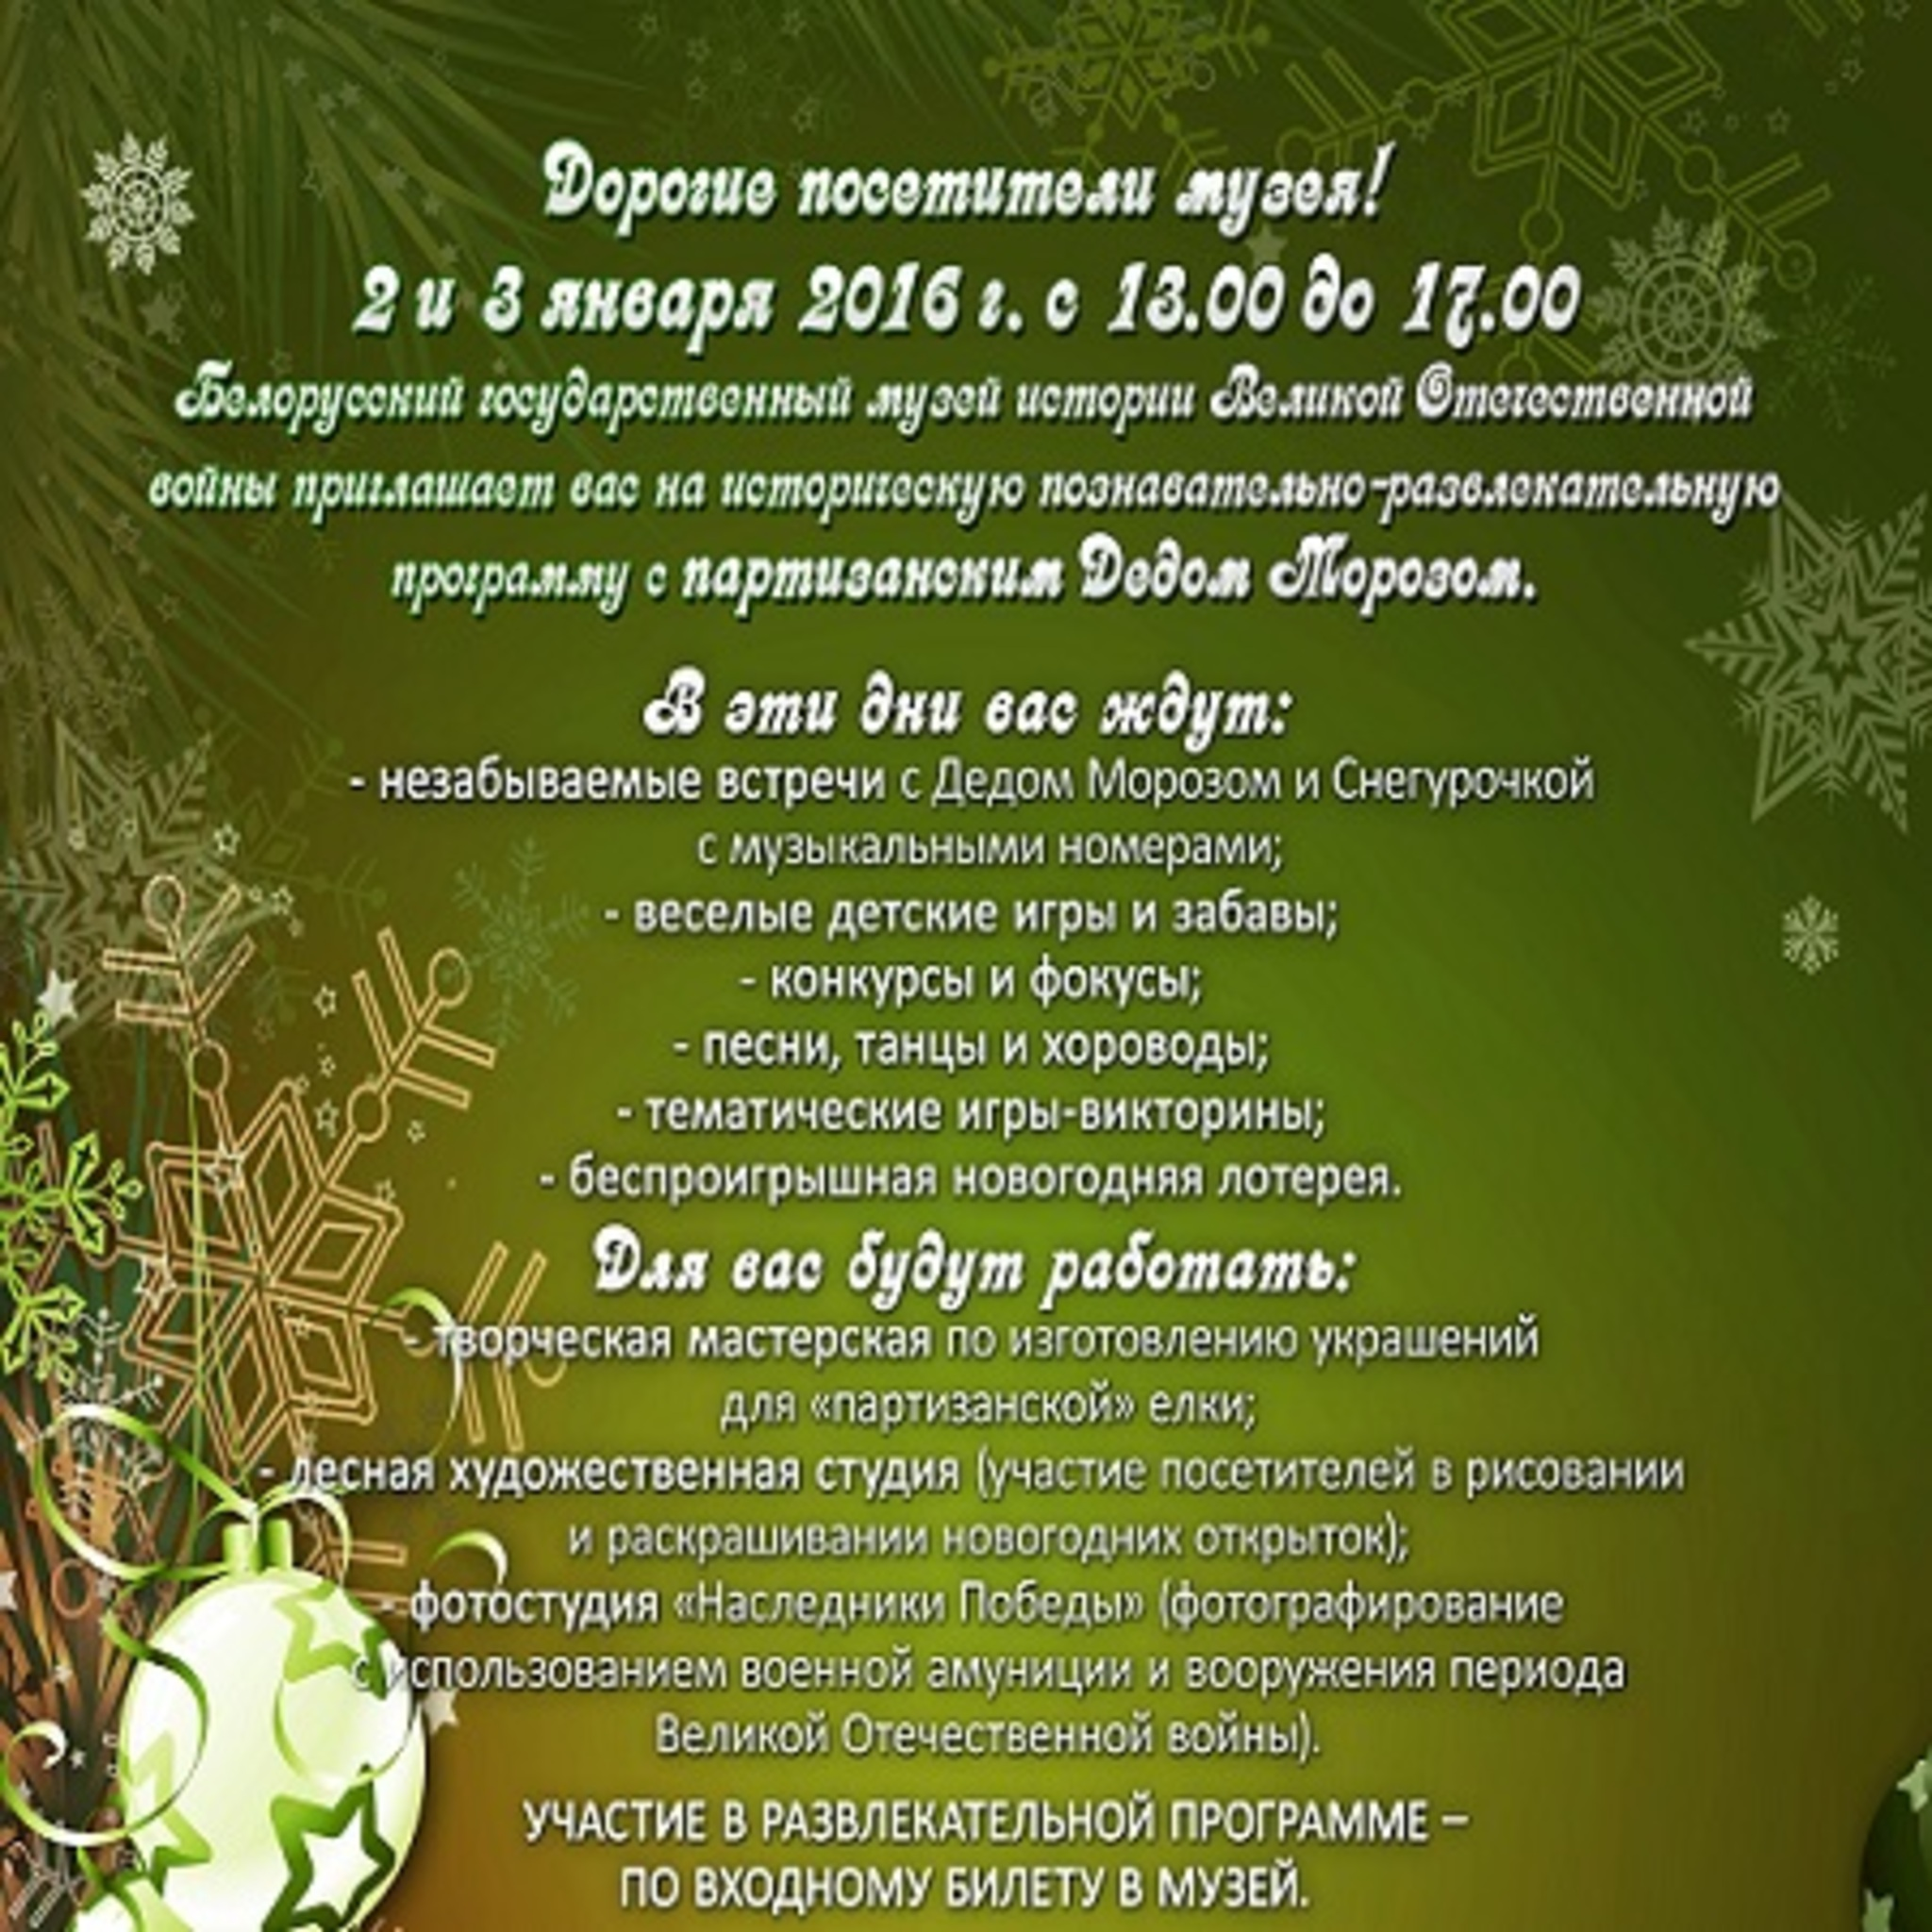 Новогодняя афиша Белорусского музея истории Великой Отечественной войны